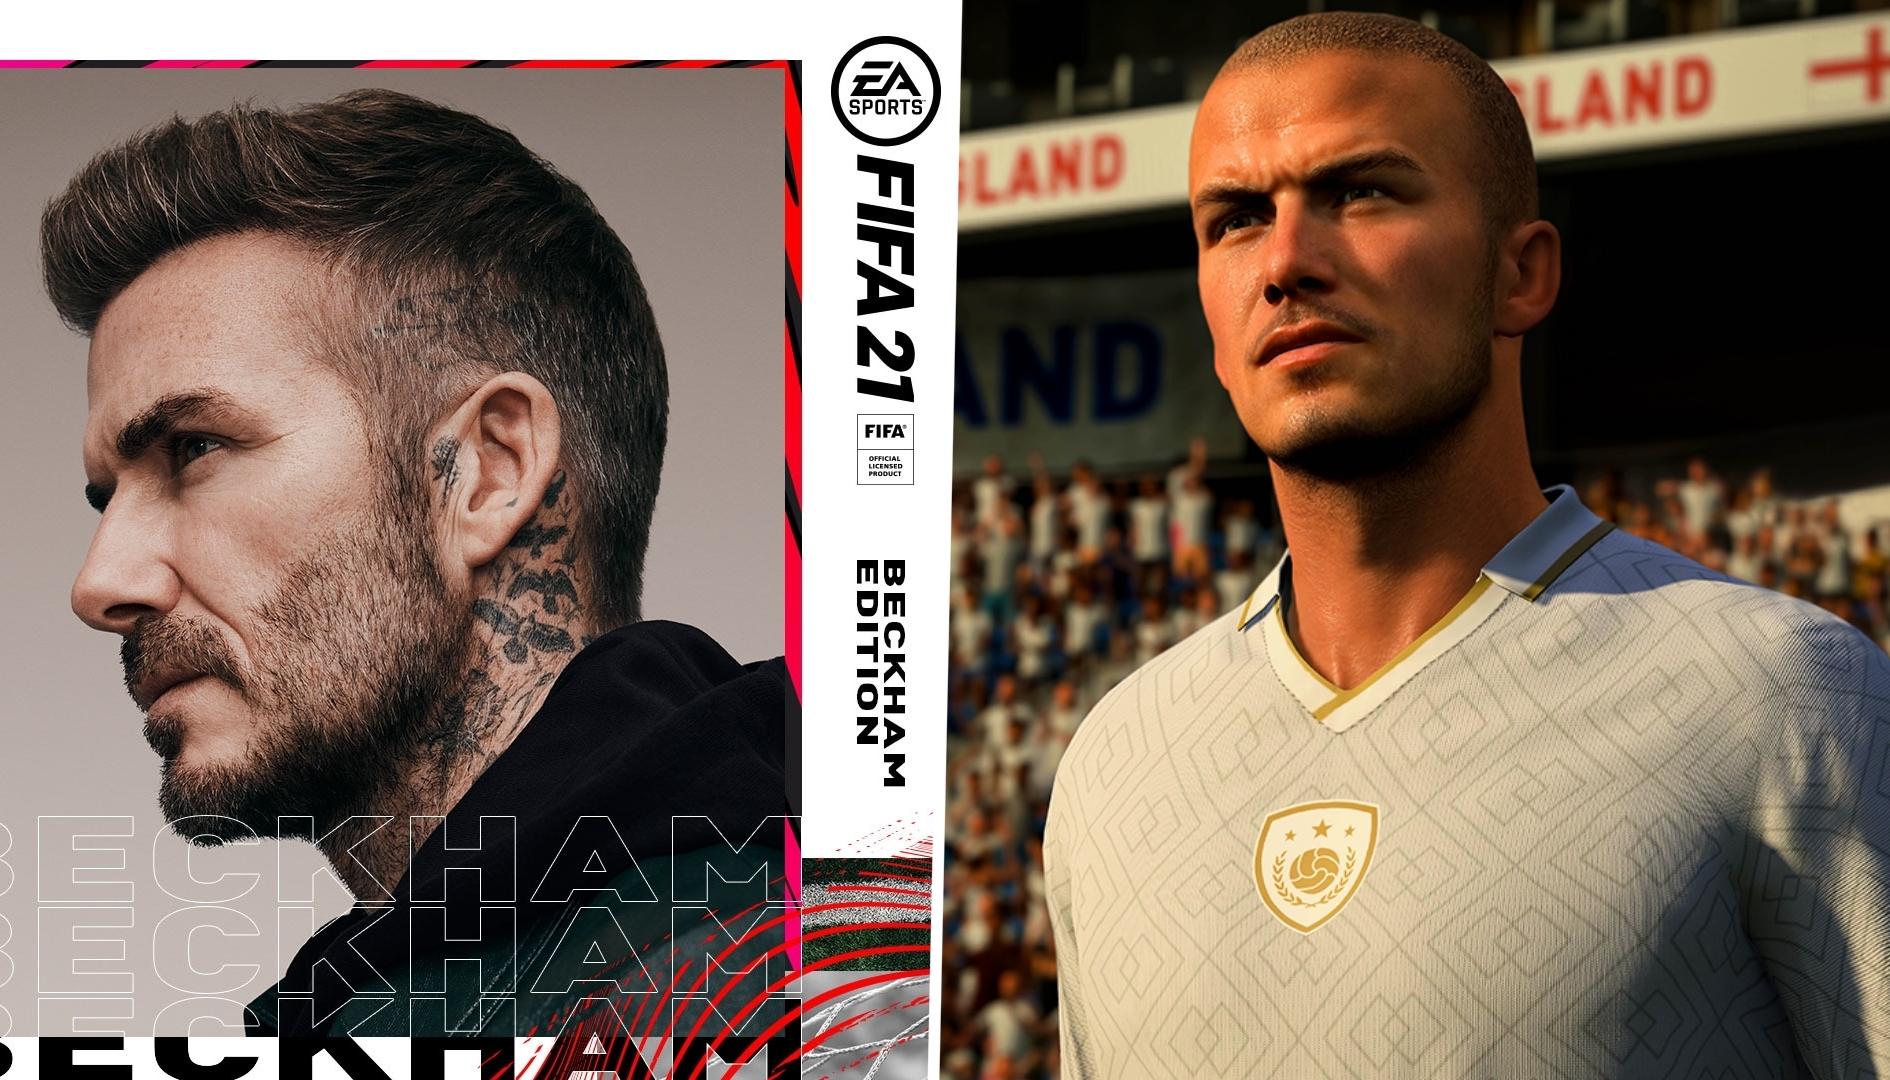 FIFA 21: Beckham torna in FUT e Volta Football, ecco come averlo